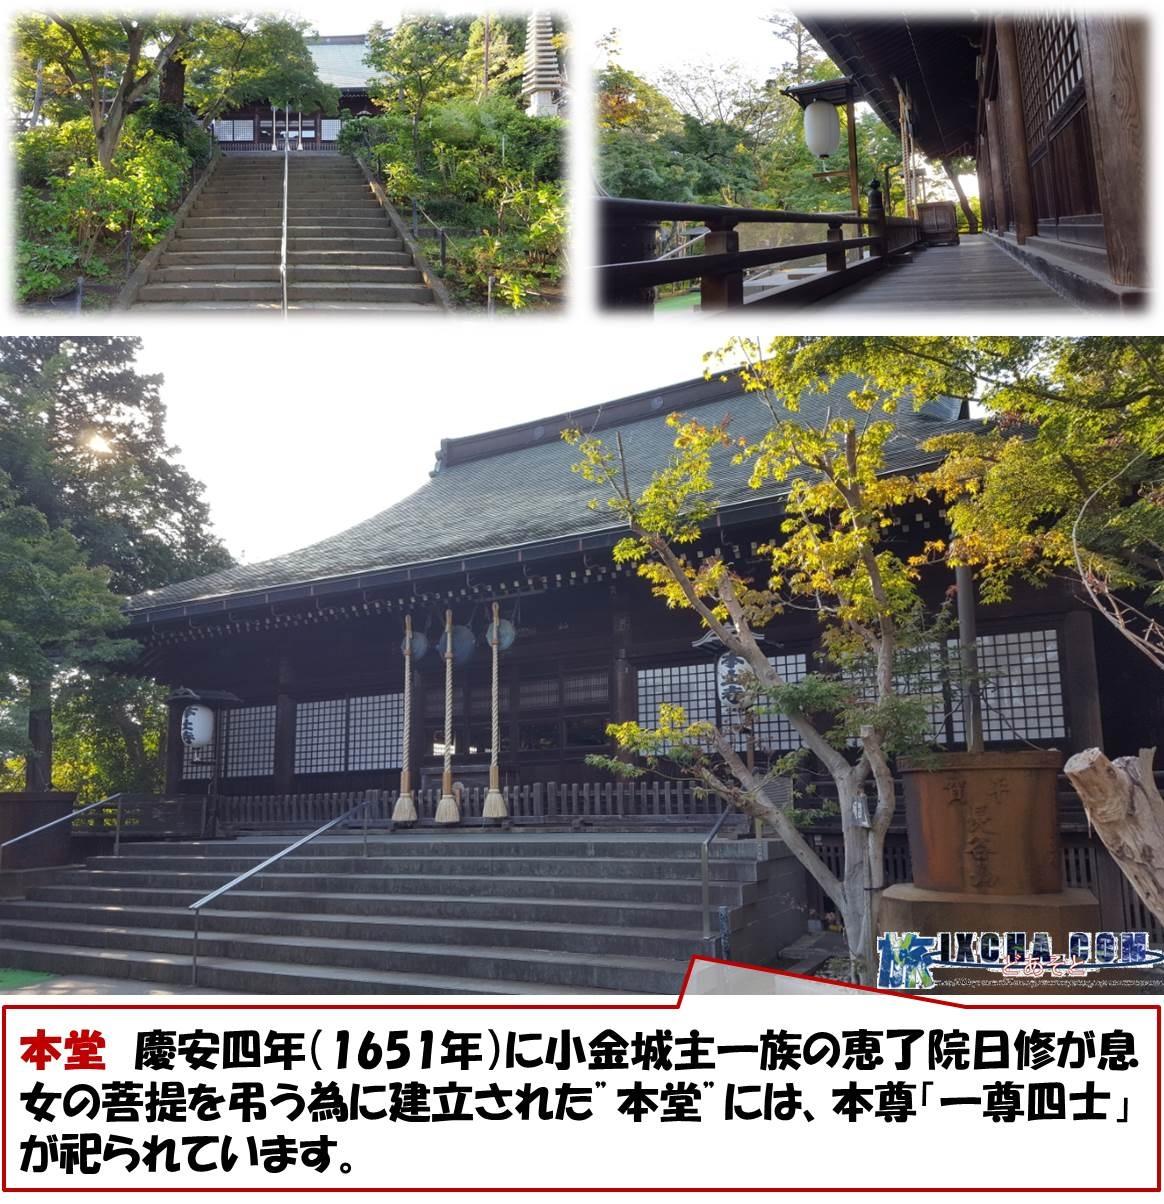 """本堂 慶安四年(1651年)に小金城主一族の恵了院日修が息女の菩提を弔う為に建立された""""本堂""""には、本尊「一尊四士」が祀られています。"""